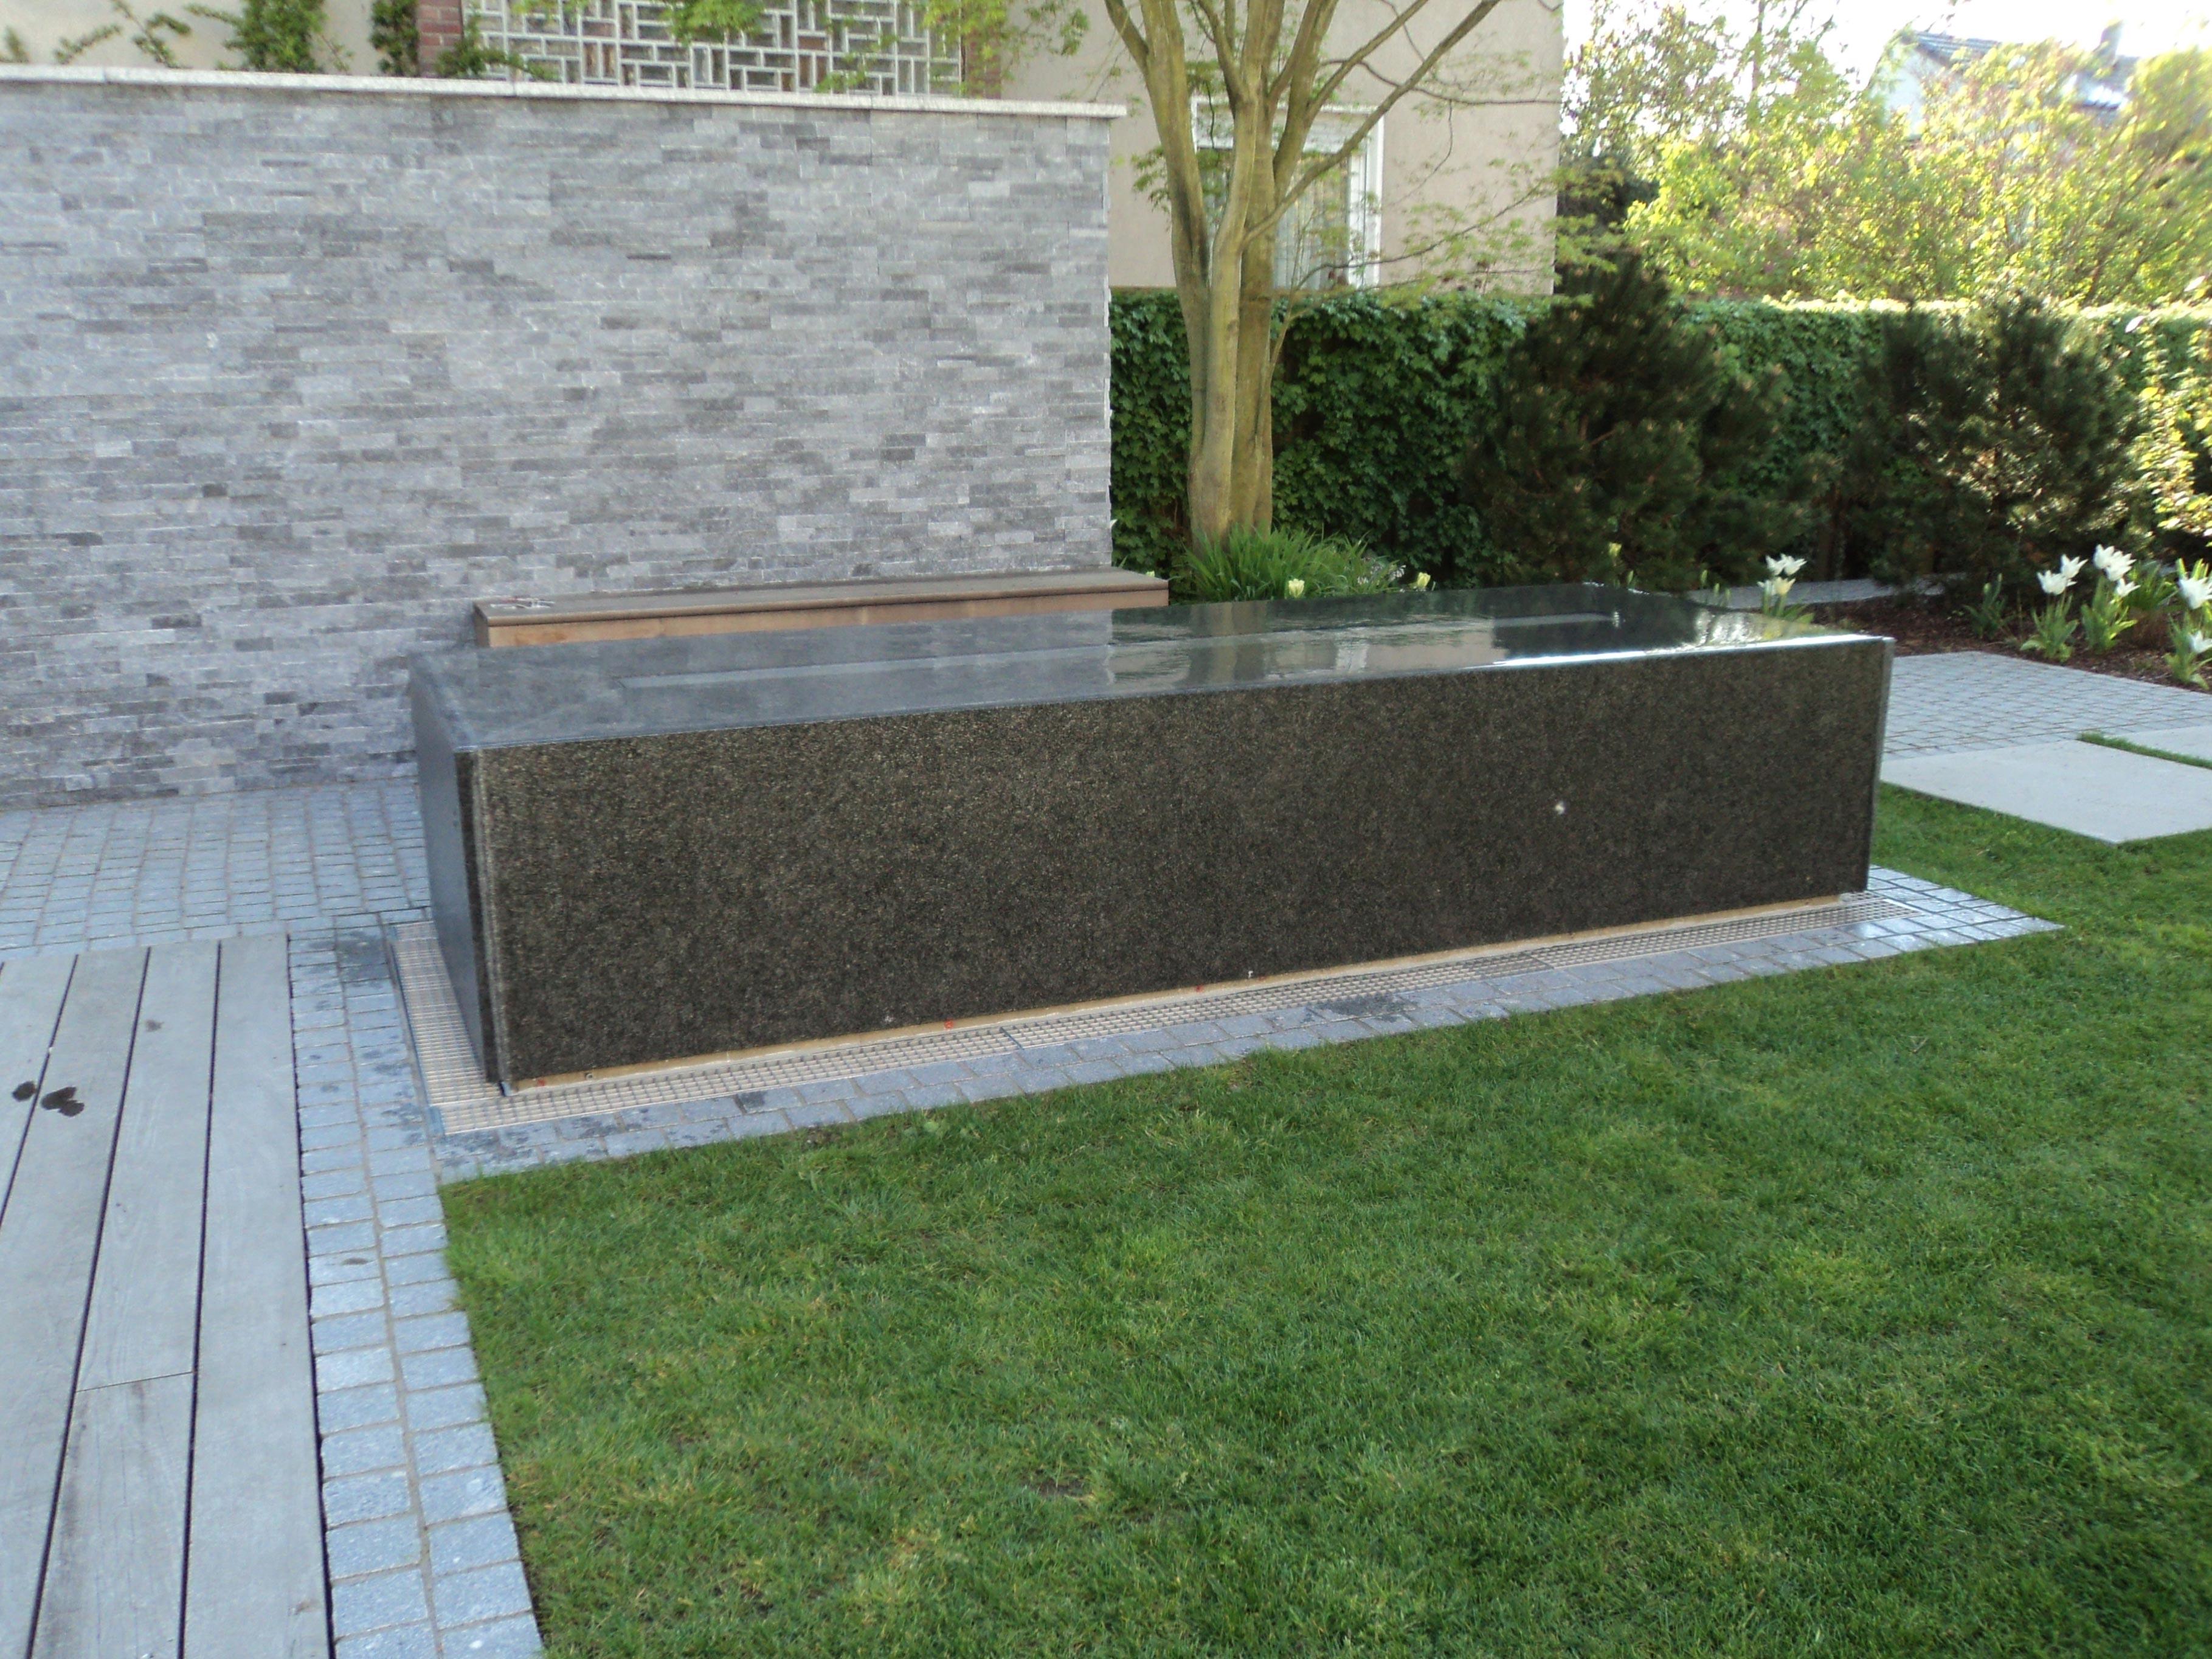 granitwassertisch-wasserablauf03_web.jpg